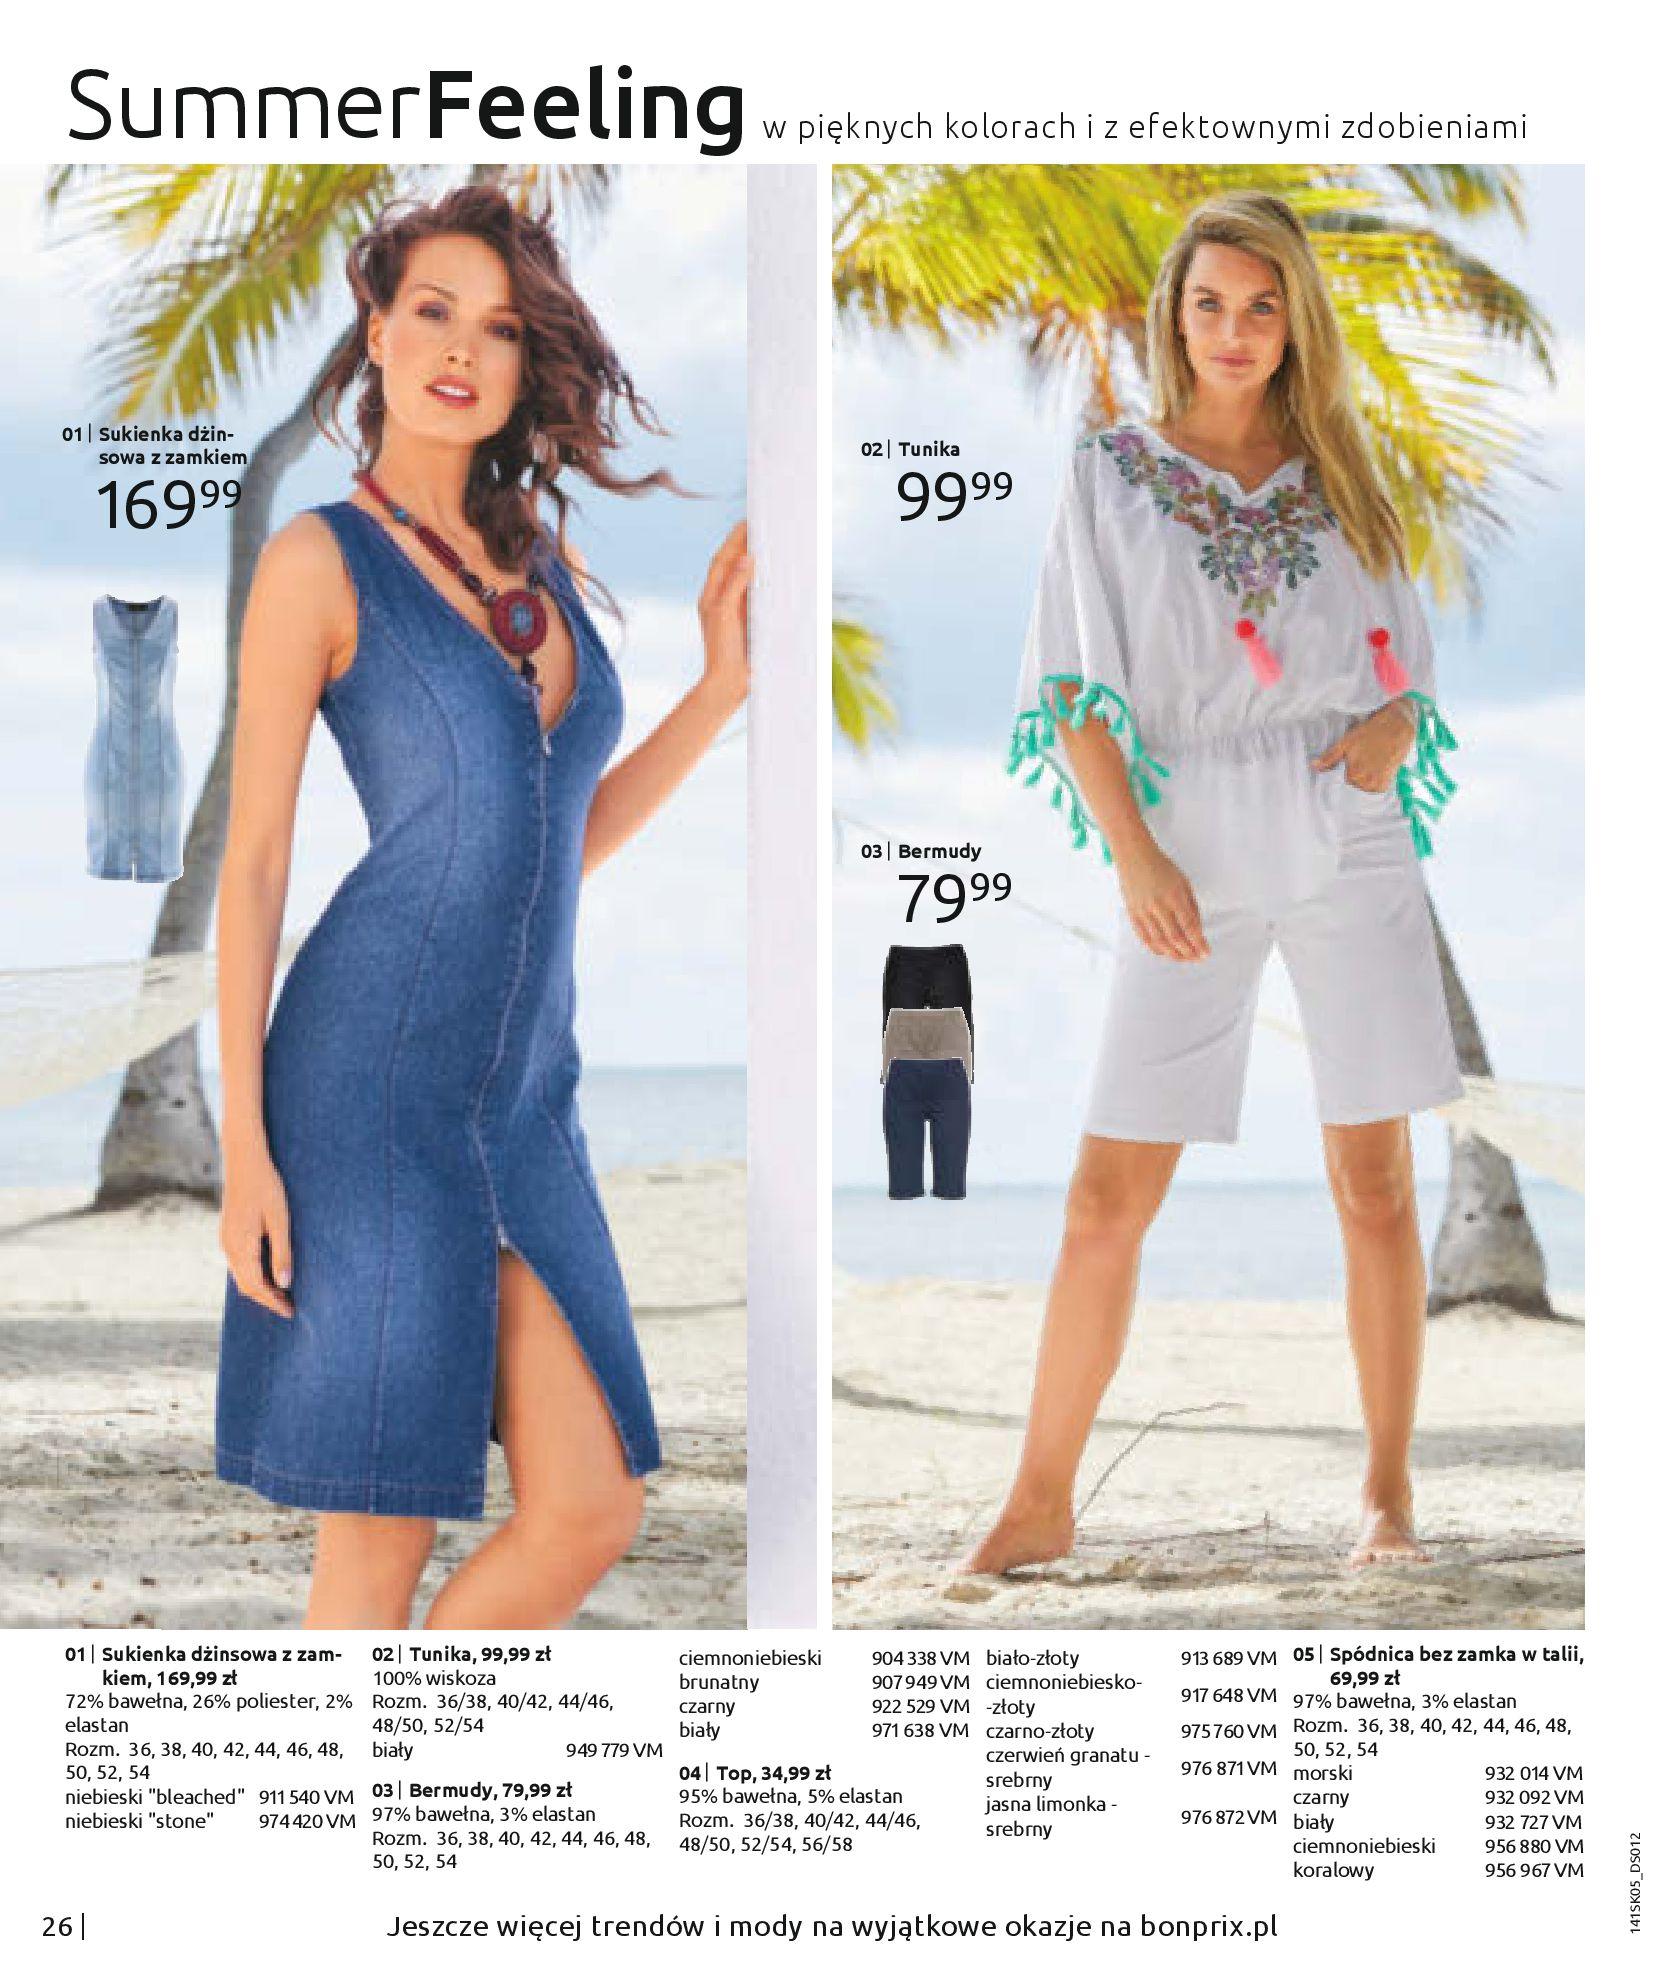 Gazetka Bonprix - Zachwycający look-25.08.2020-18.11.2020-page-28